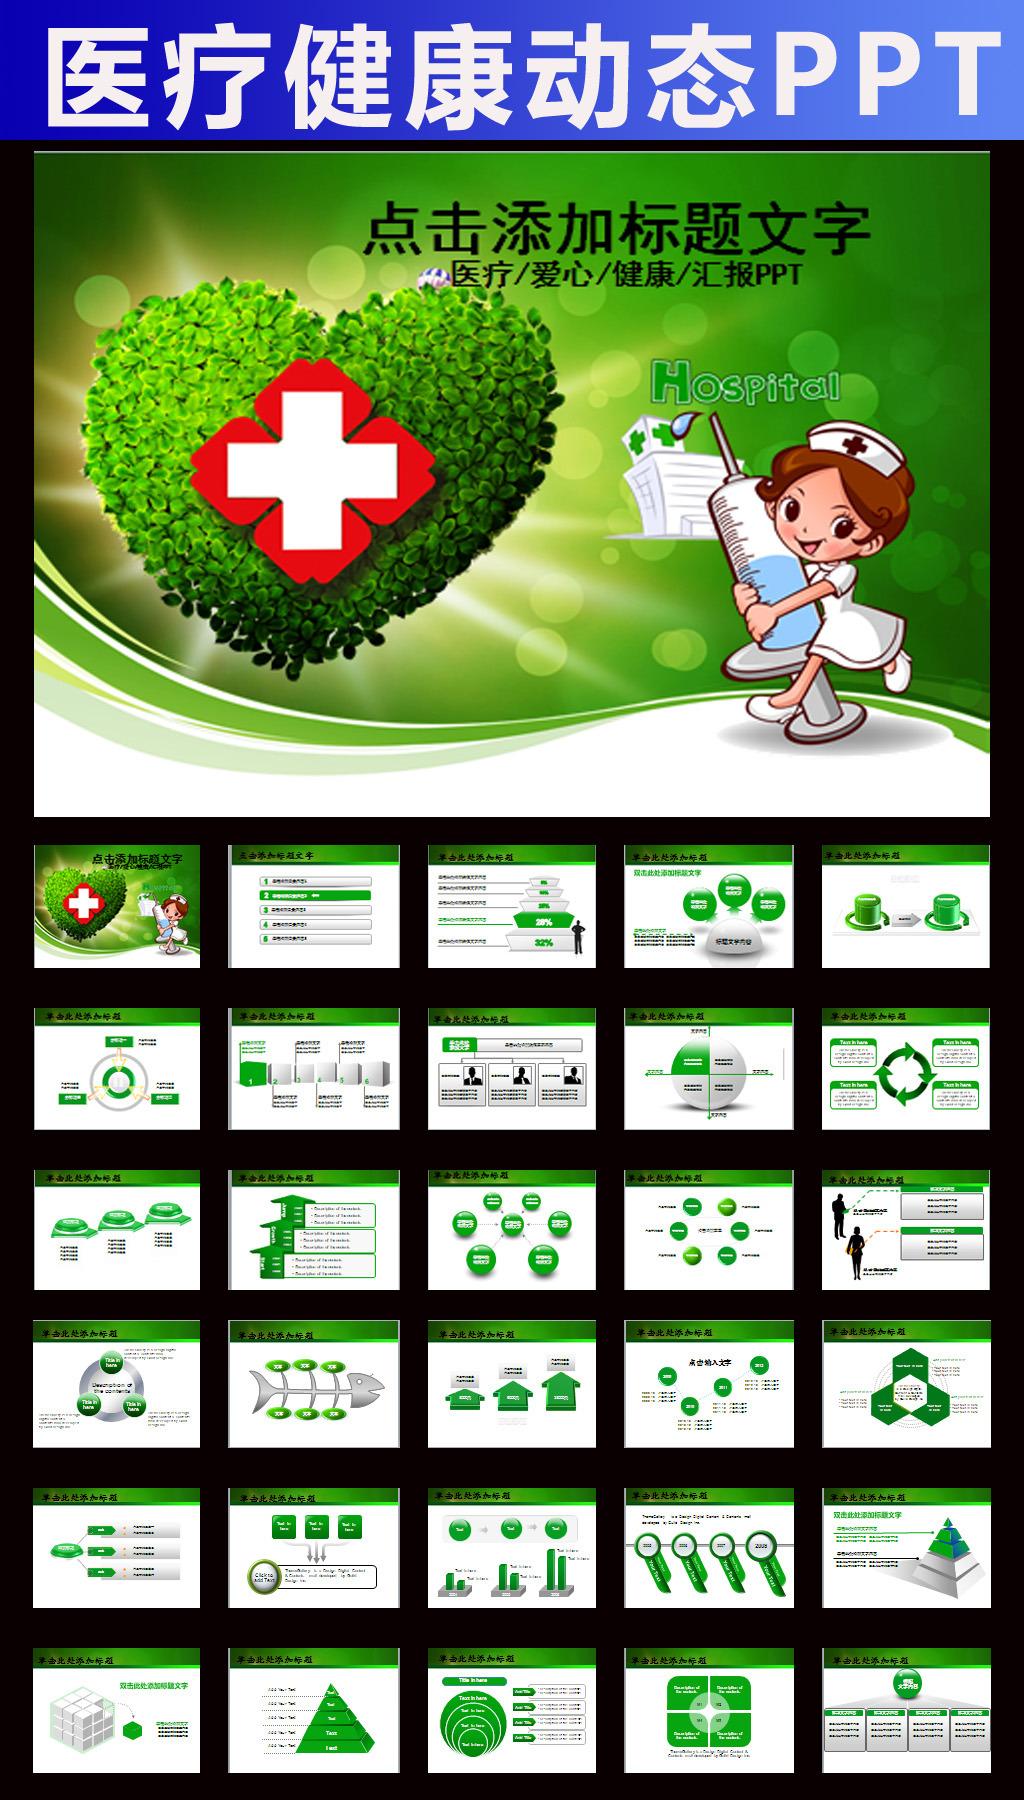 爱健康爱心医疗医院PPT模板模板下载 11932442 医疗 健康 美容 女